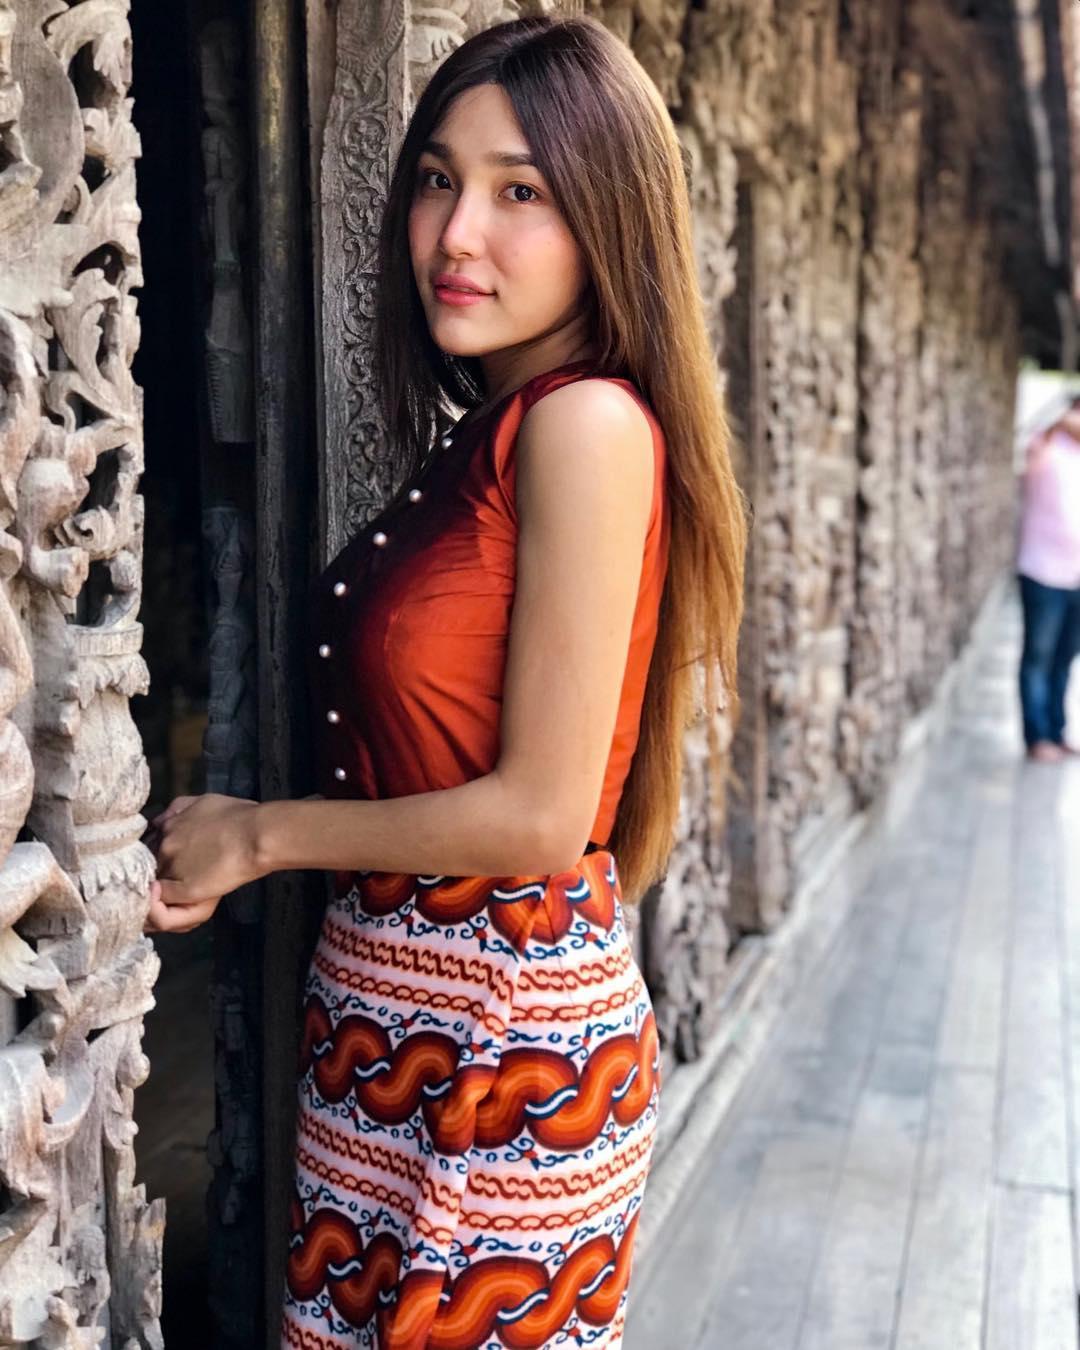 Nann Mway Hnin - Most Beautiful Transgender Woman in ...